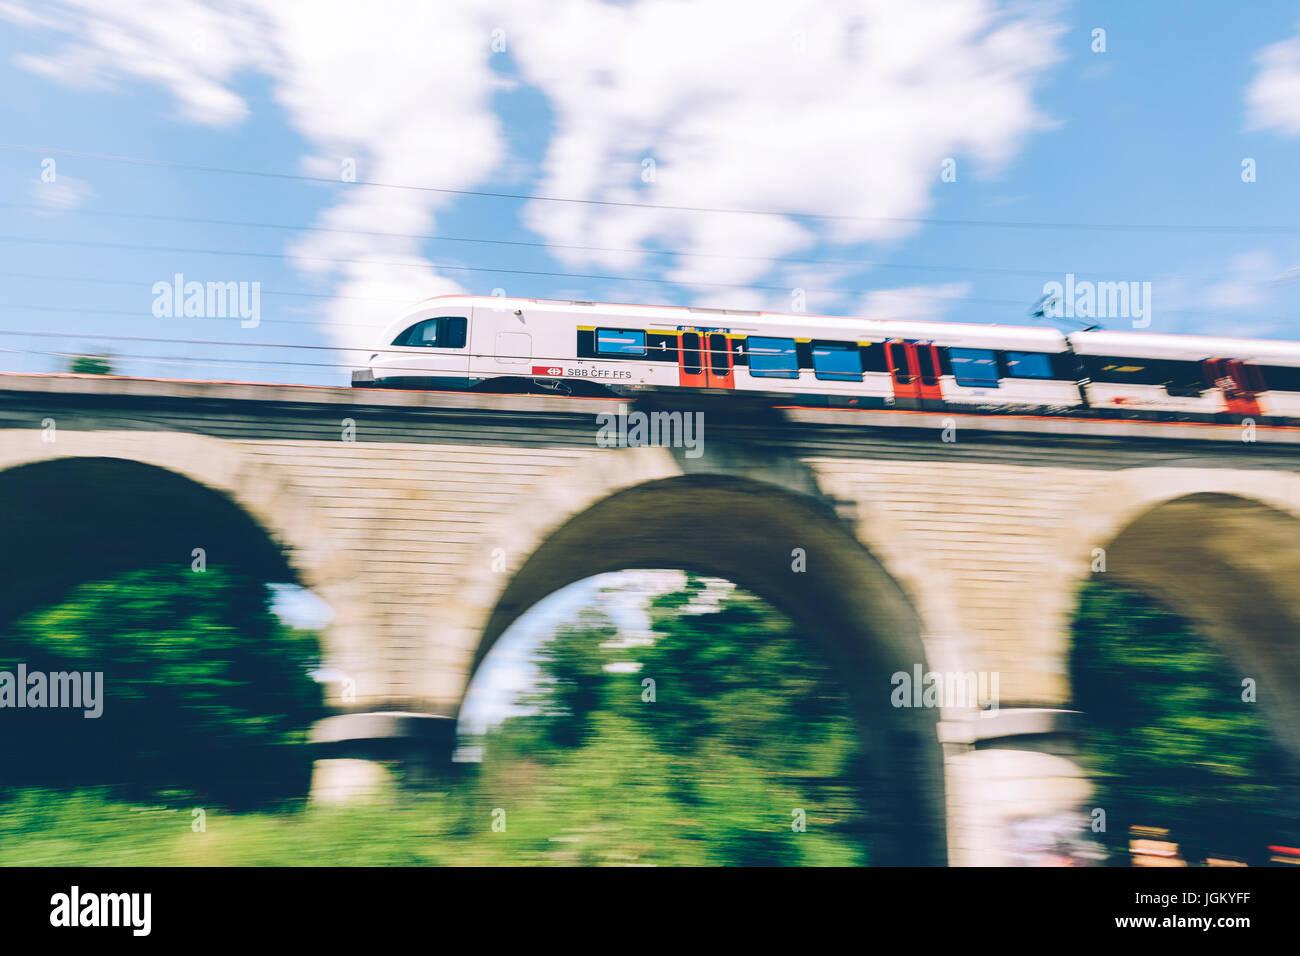 Genf, Schweiz - 25. Juni 2017: Schweizer Regionalzug vorbei über eine Brücke in den Kanton Genf Region Stockbild